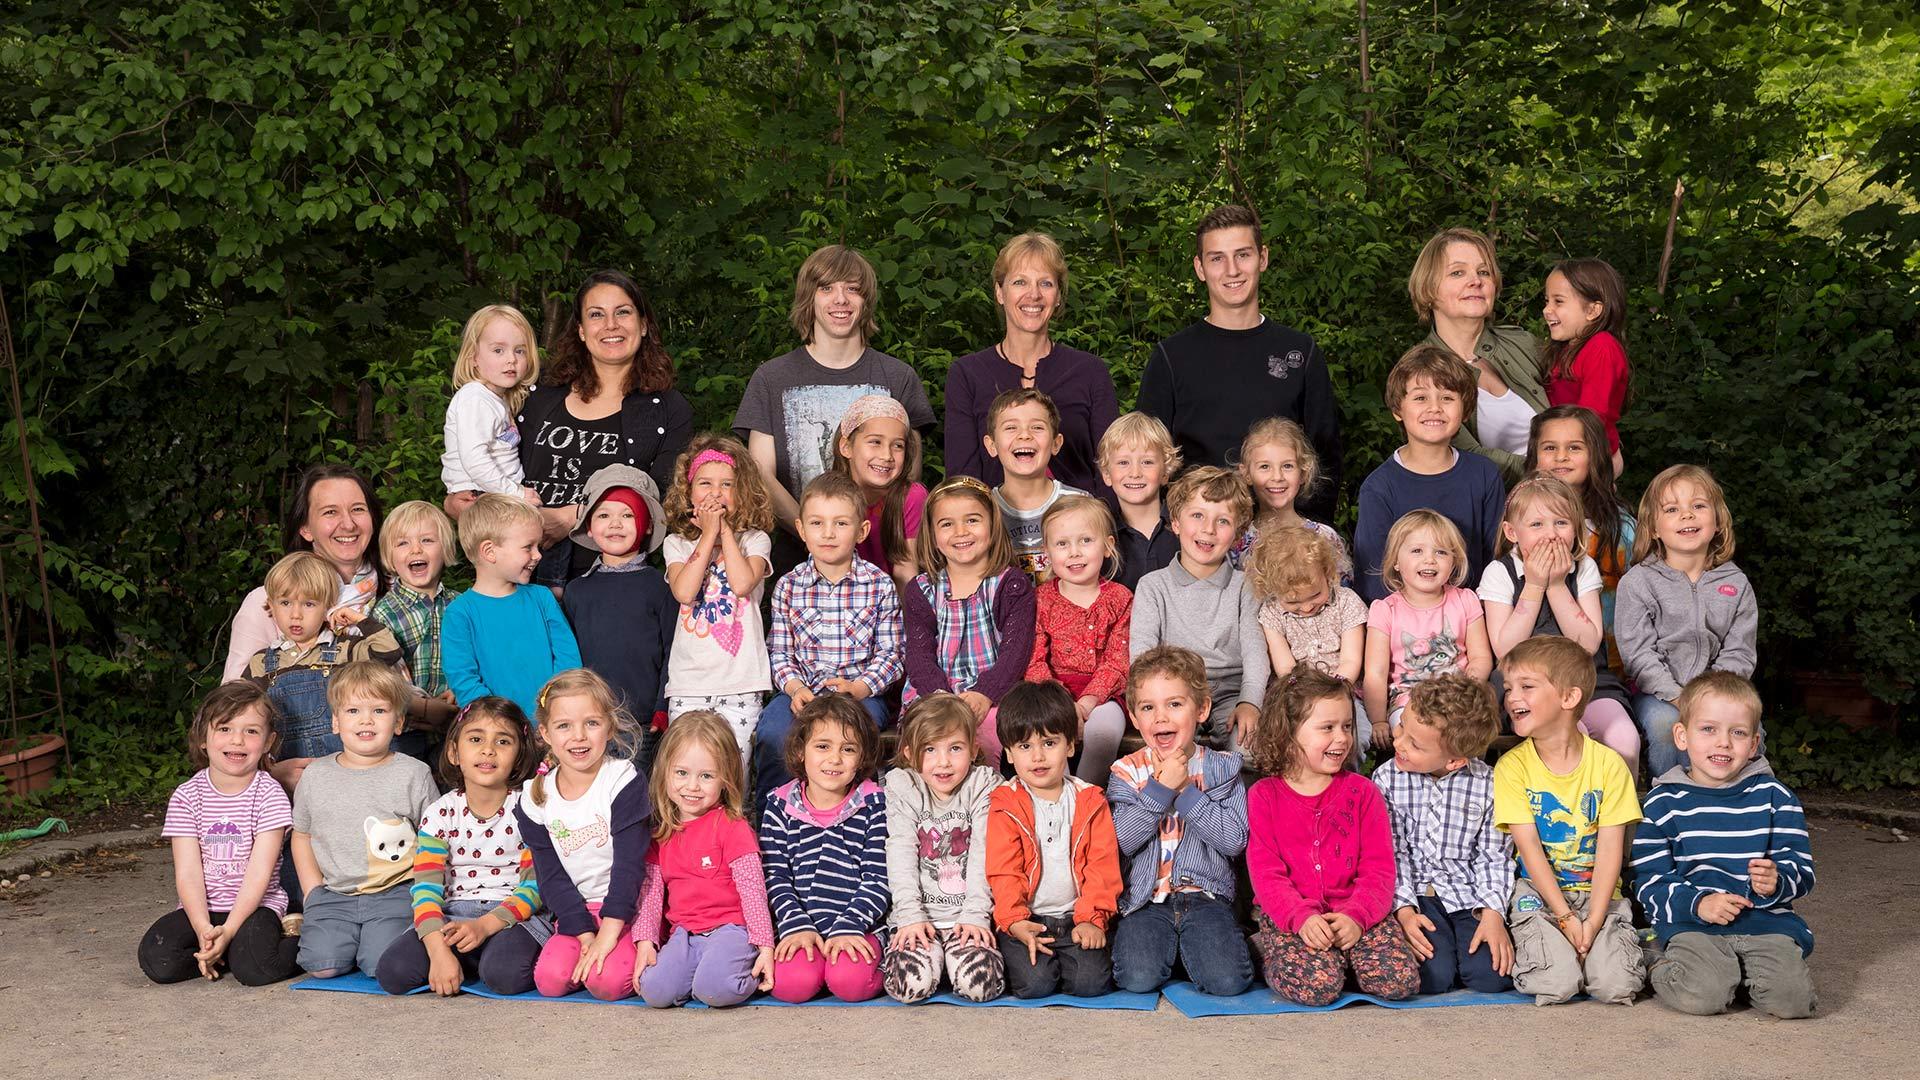 Die Fotografie zeigt die Kinder und Betreuerinnen und Betreuer im Freien vor einem grünen Hintergrund aus Blättern